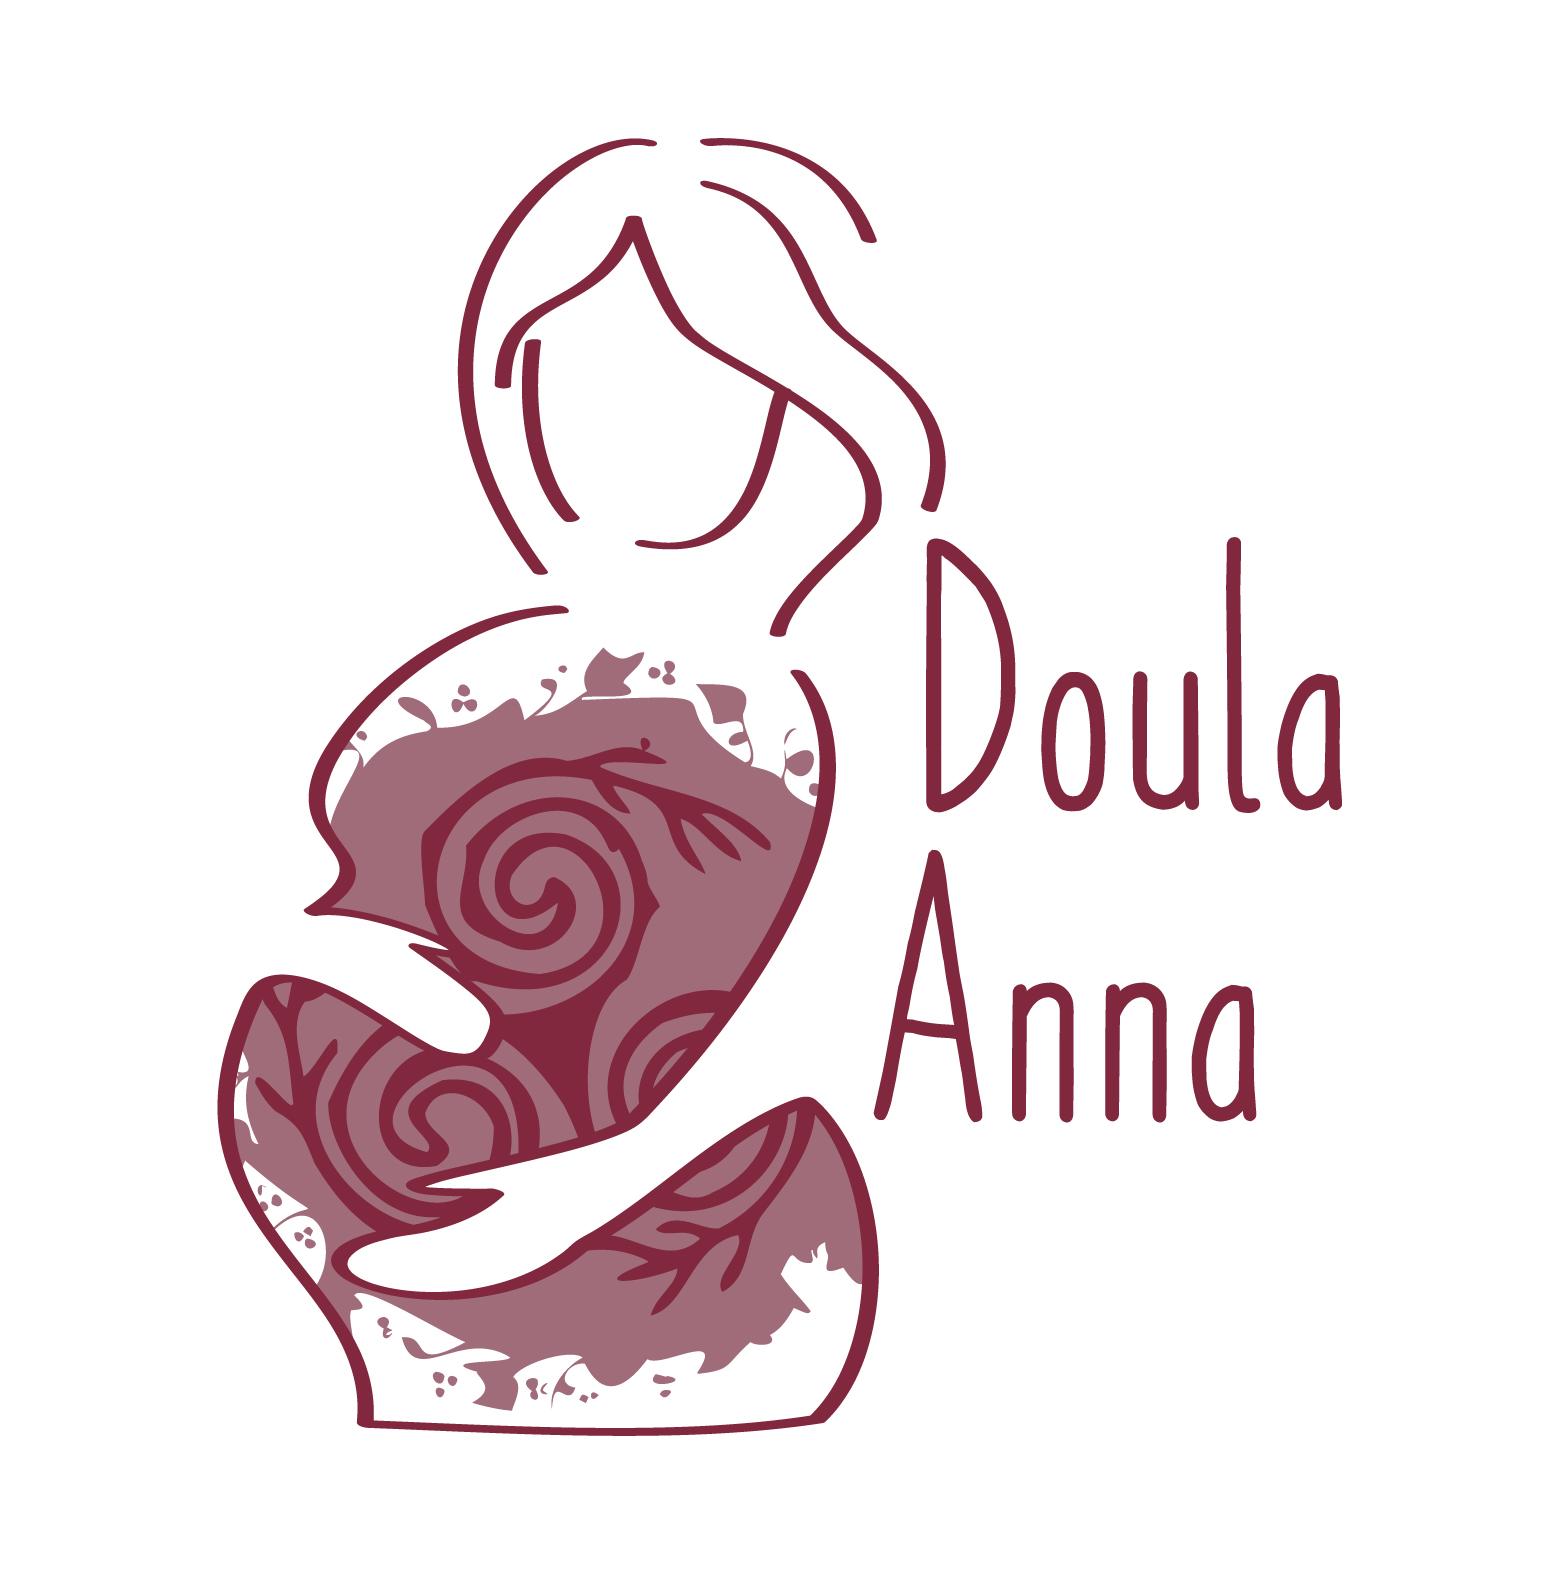 Doula Anna